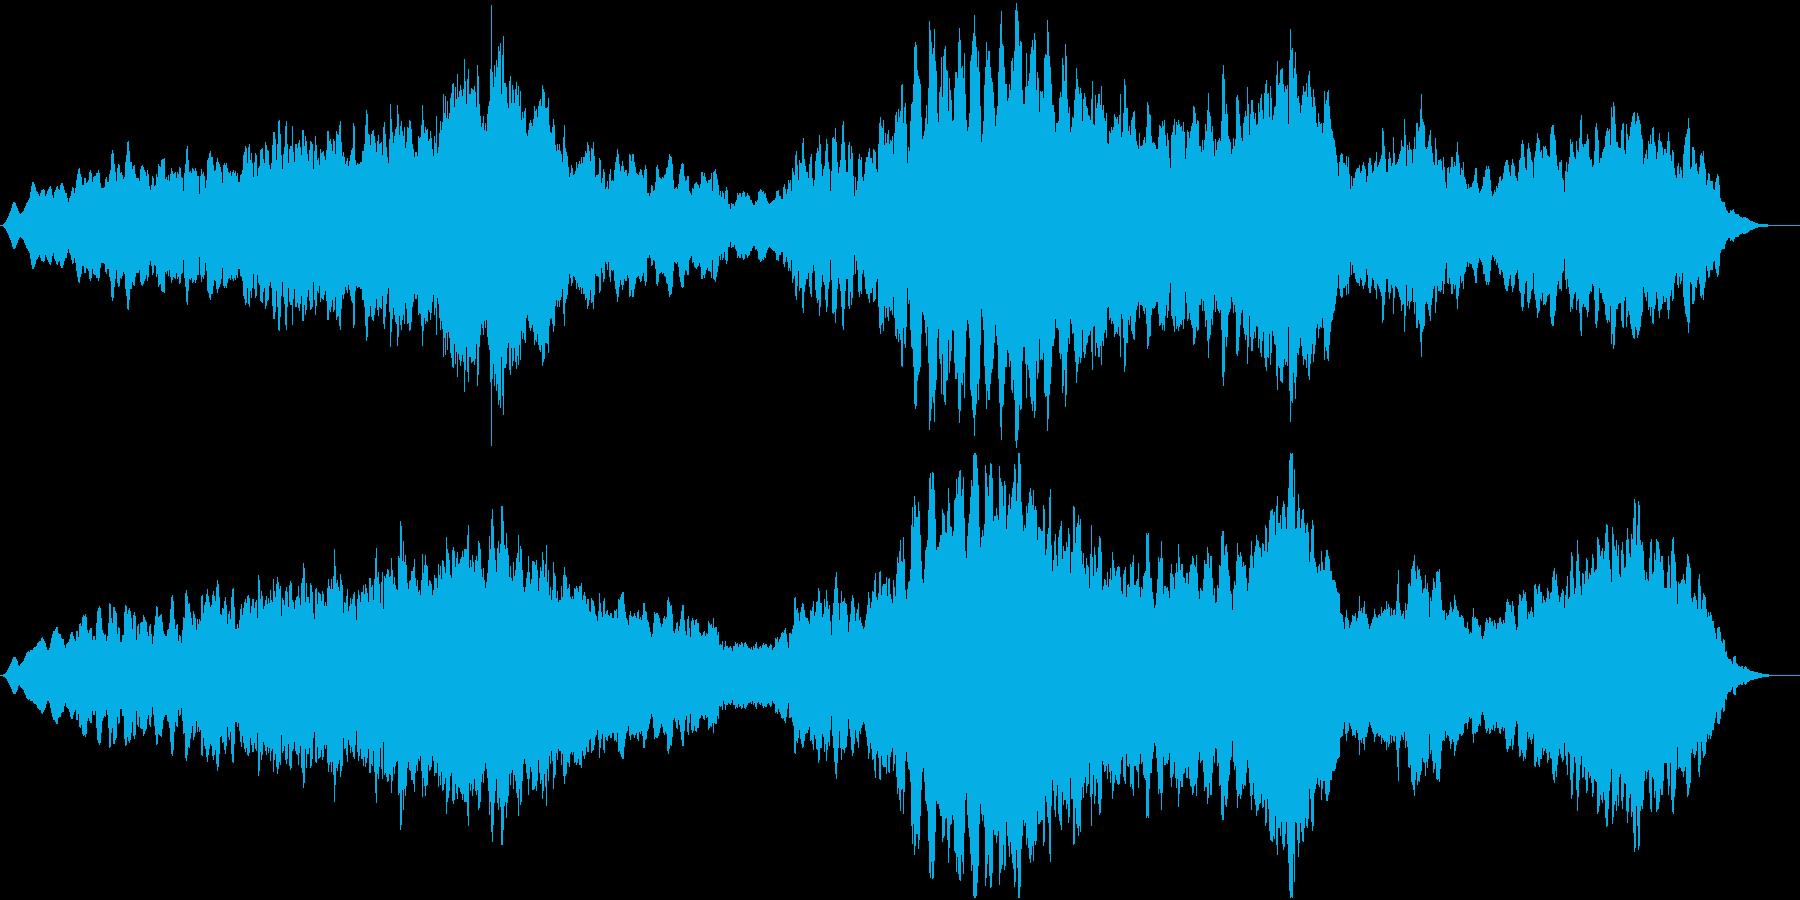 日の出 壮大な景色のBGMの再生済みの波形